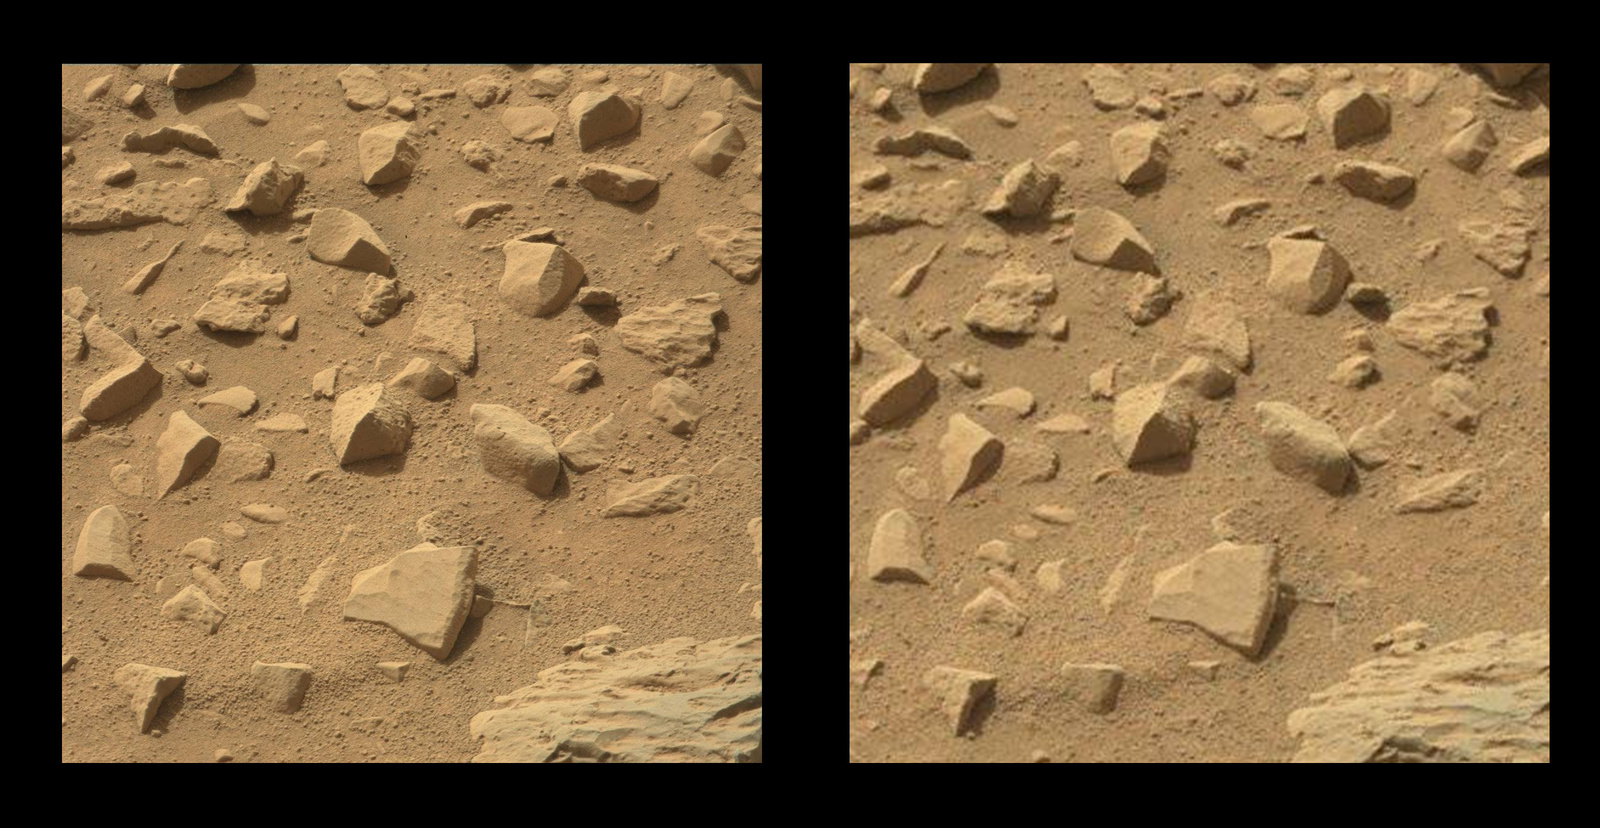 1826167192_SOL729-CuriosityMastcam3D.thumb.jpg.1f0b2531fda901ad530800a2abba90d9.jpg